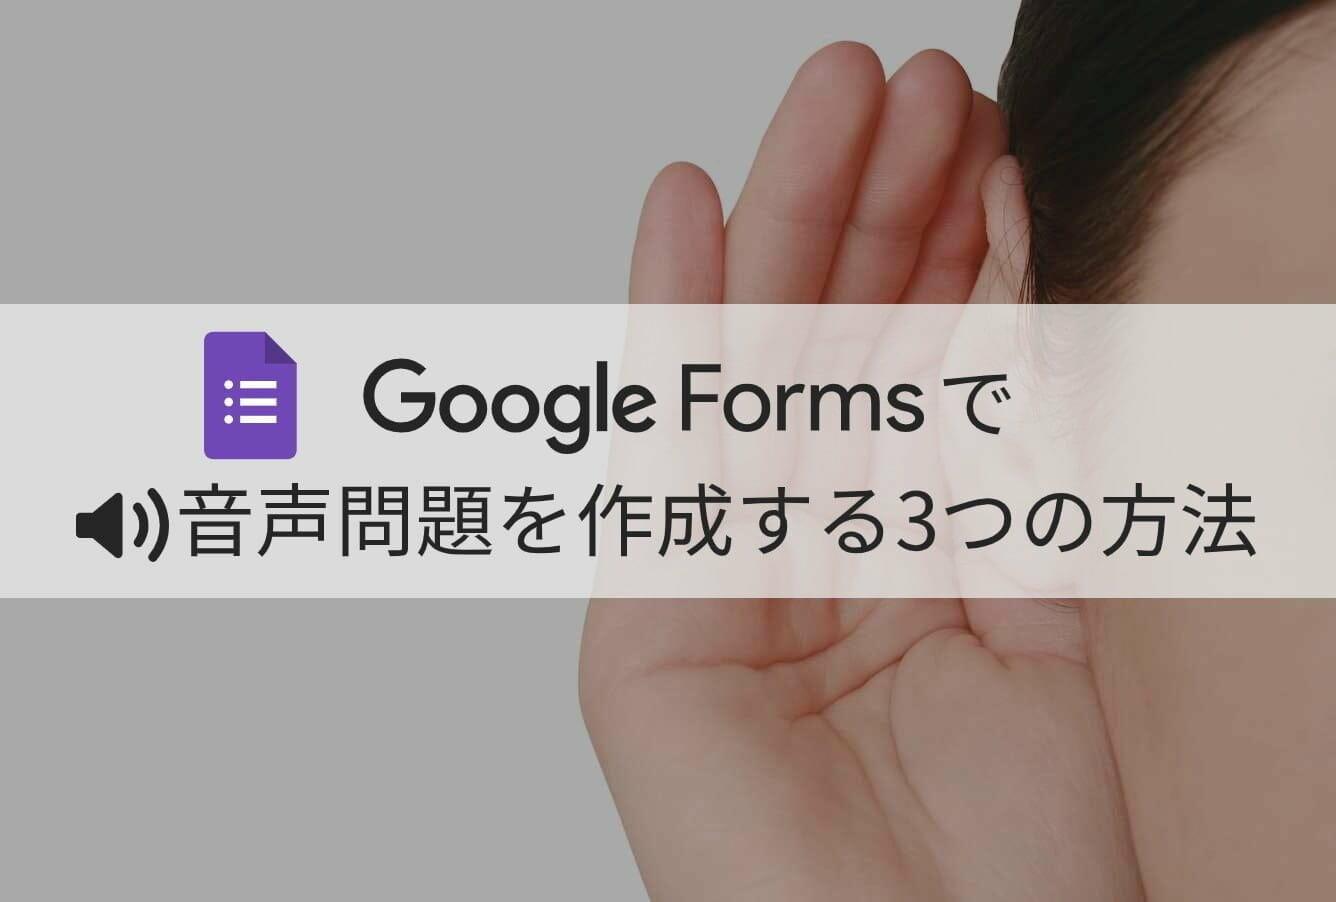 Google フォームで音声問題を作成する 3つの方法